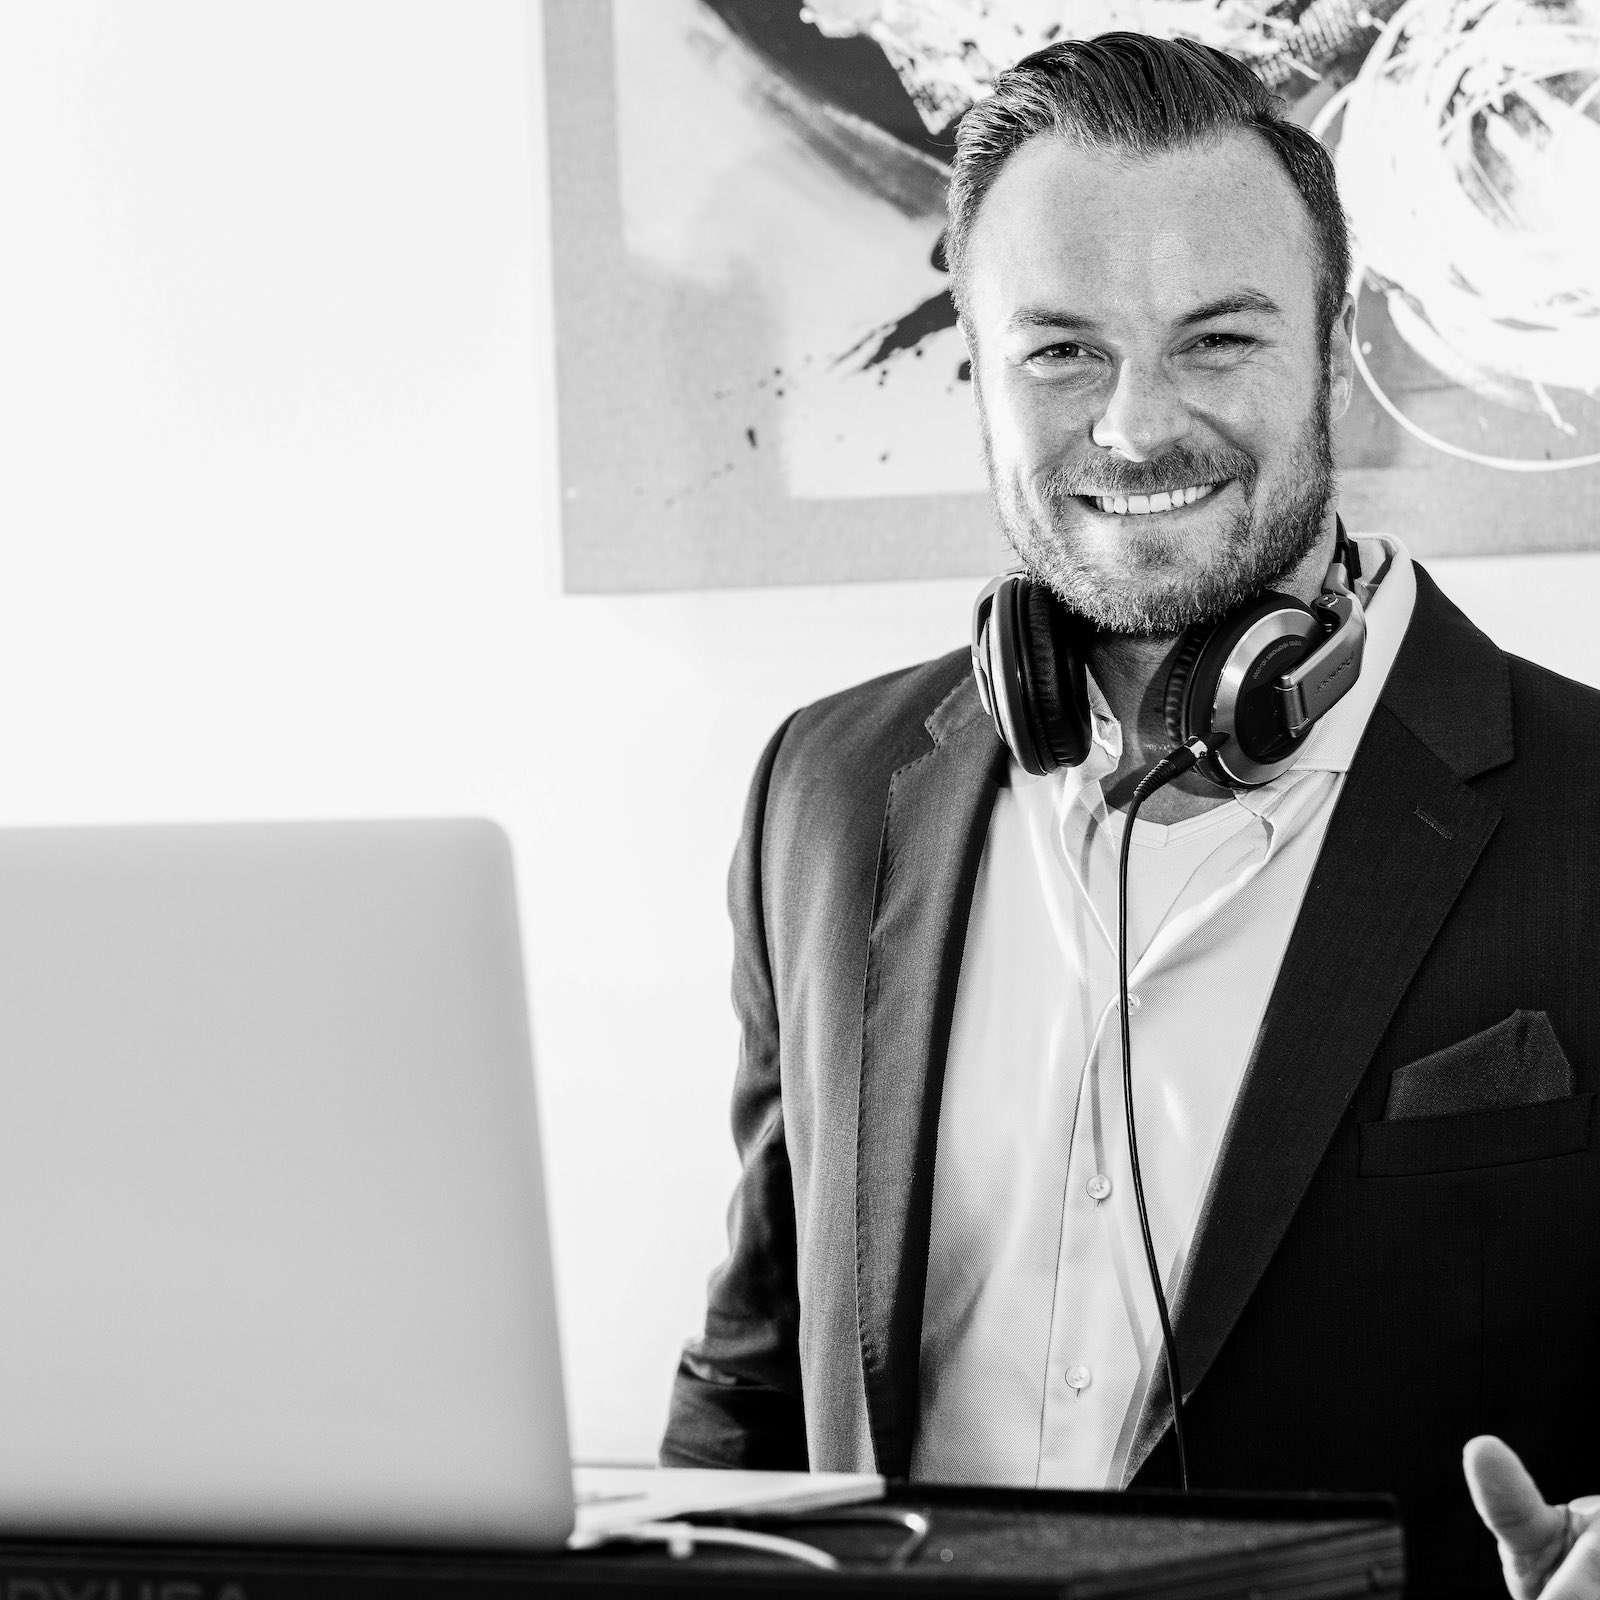 DJ | Hochzeit | Hannover | Buchen | Discjockey | Nils | Remme | Messe | DJ | Bremen | DJ | Event | DJ | Geburtstag | DJ | Mieten | Anfragen | DJ | Service | DJ | Kosten | DJ | Agentur | Lehmann | Eventservice